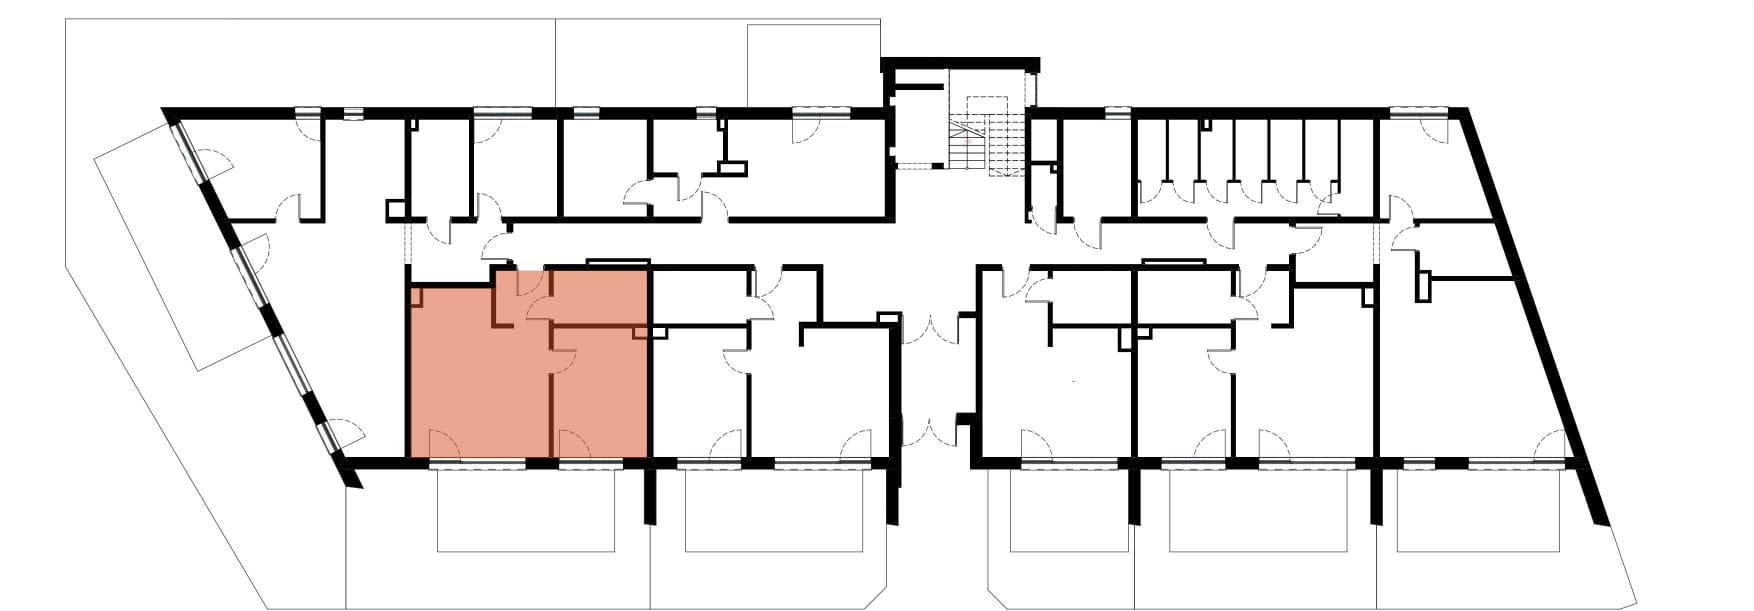 Apartamenty Kamienna / apartamenty inwestycyjne M05 rzut 2